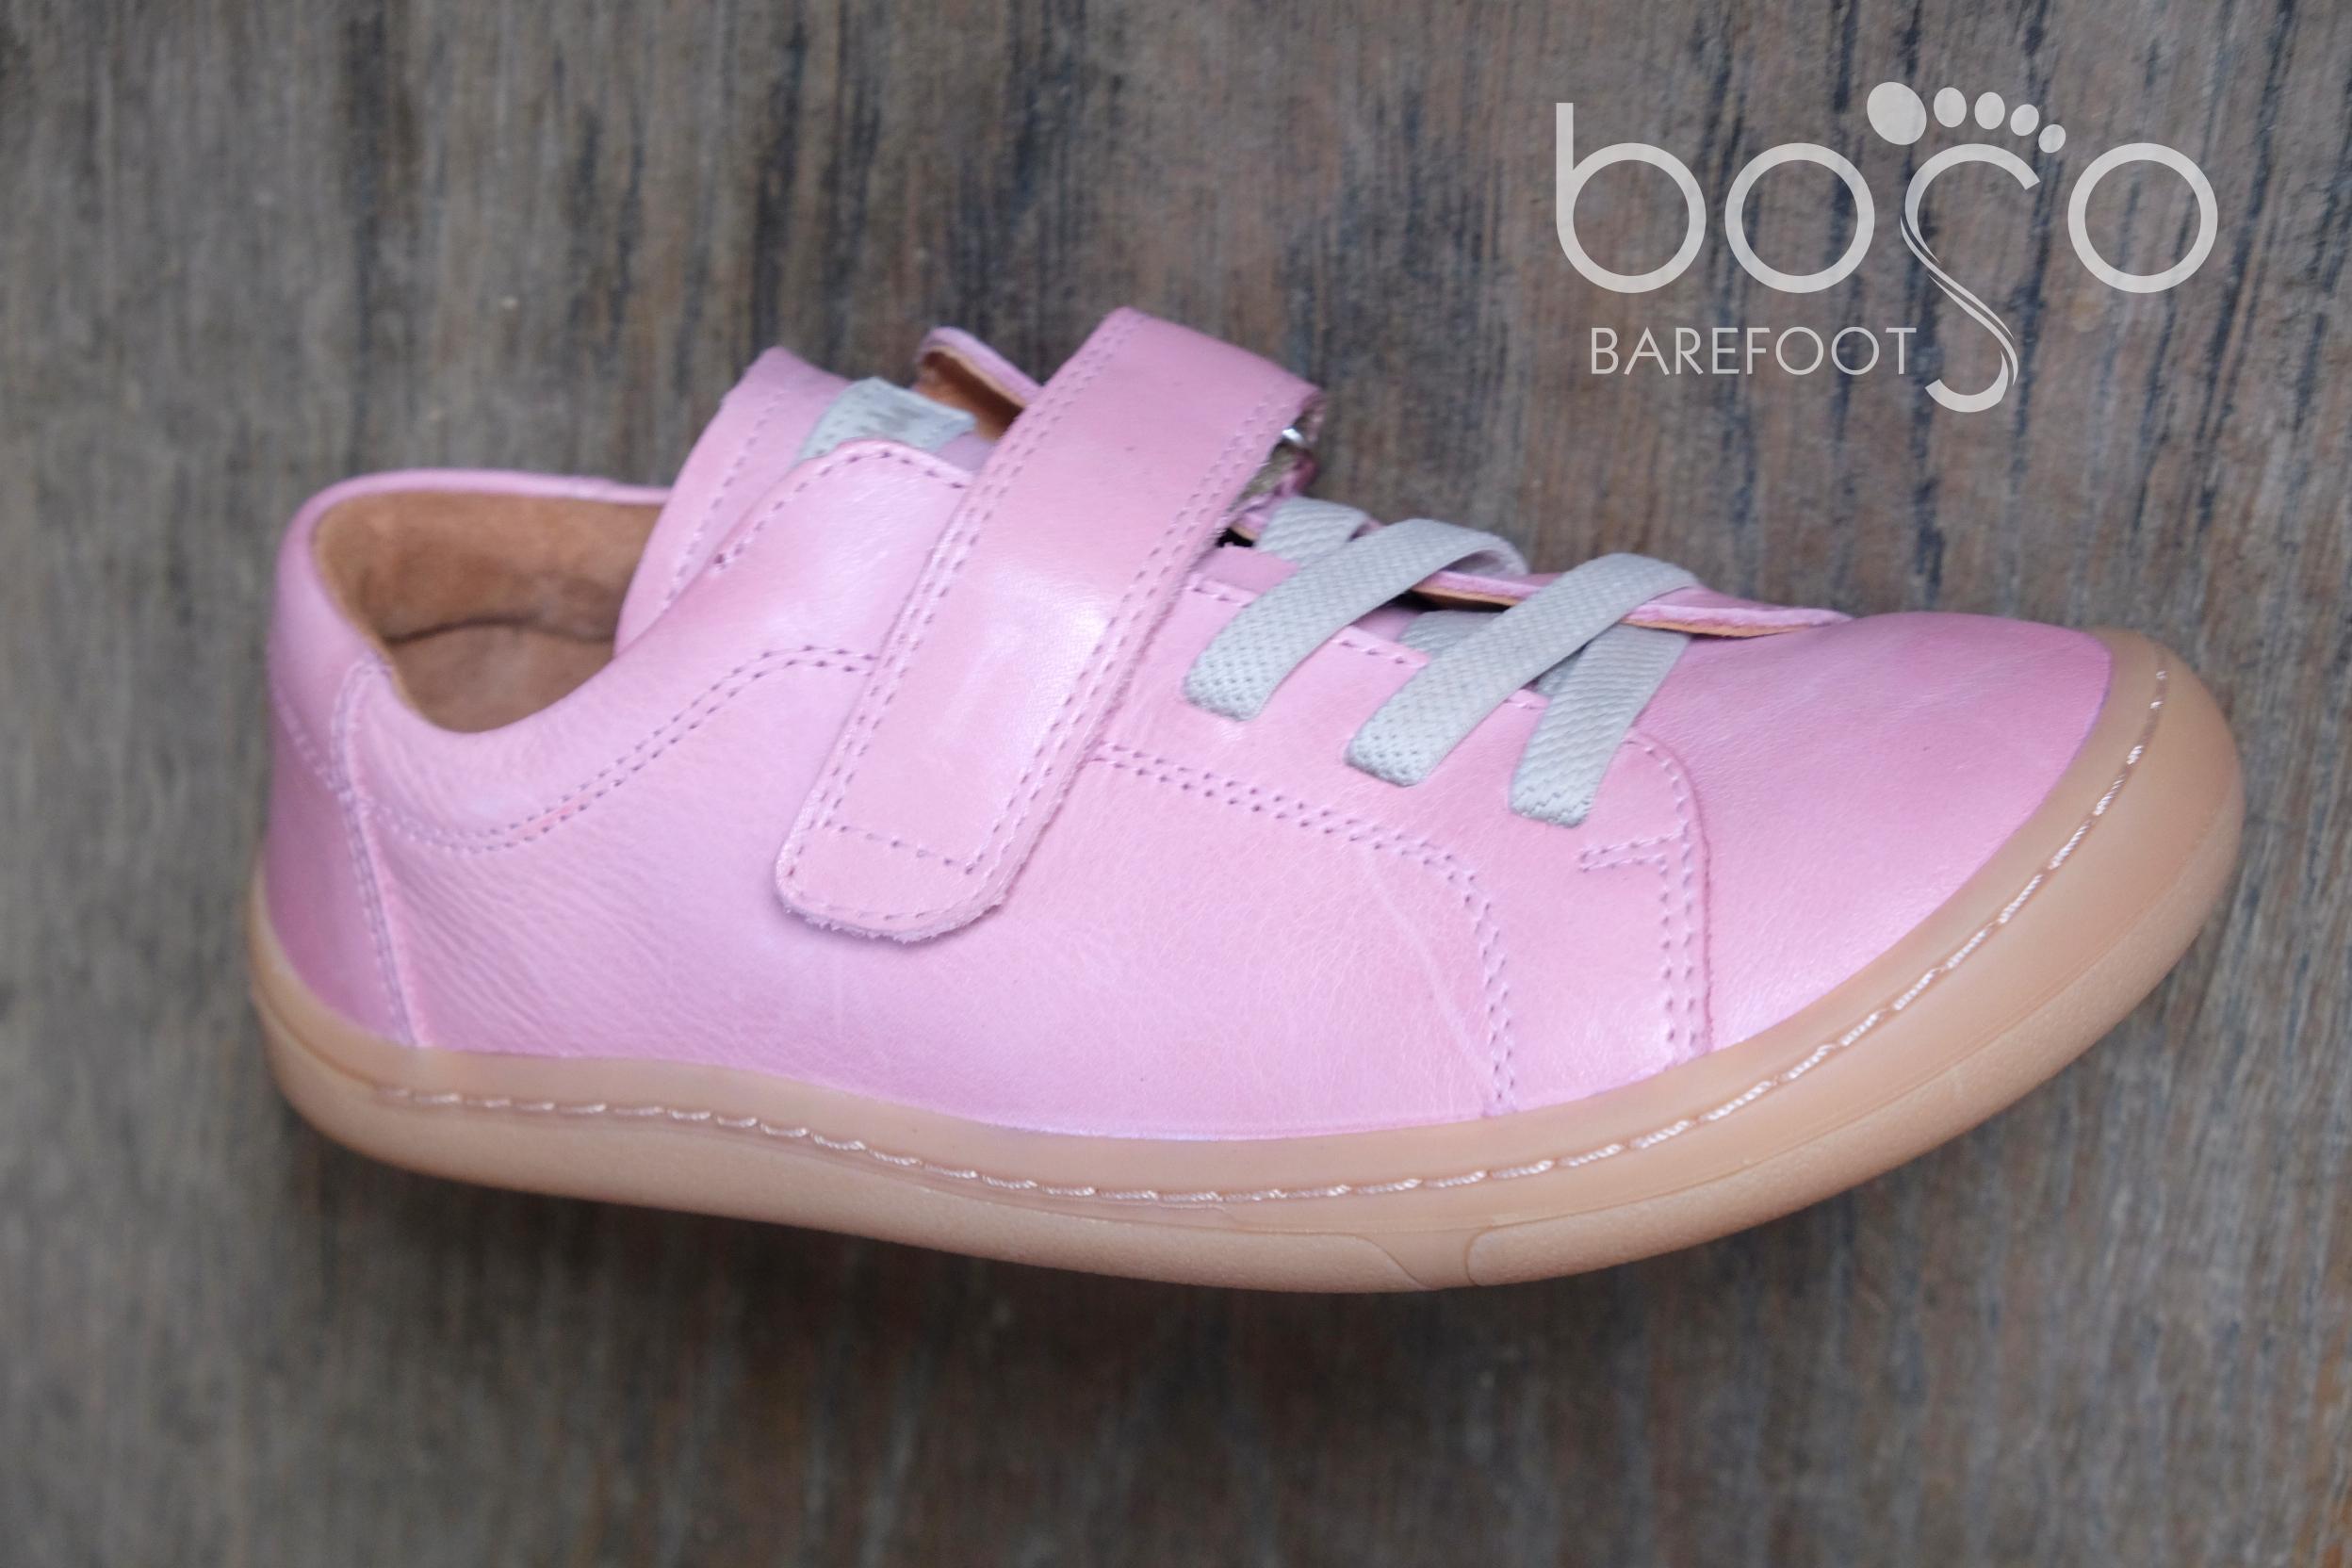 froddo-barefoot-G3130149-1-pink-1